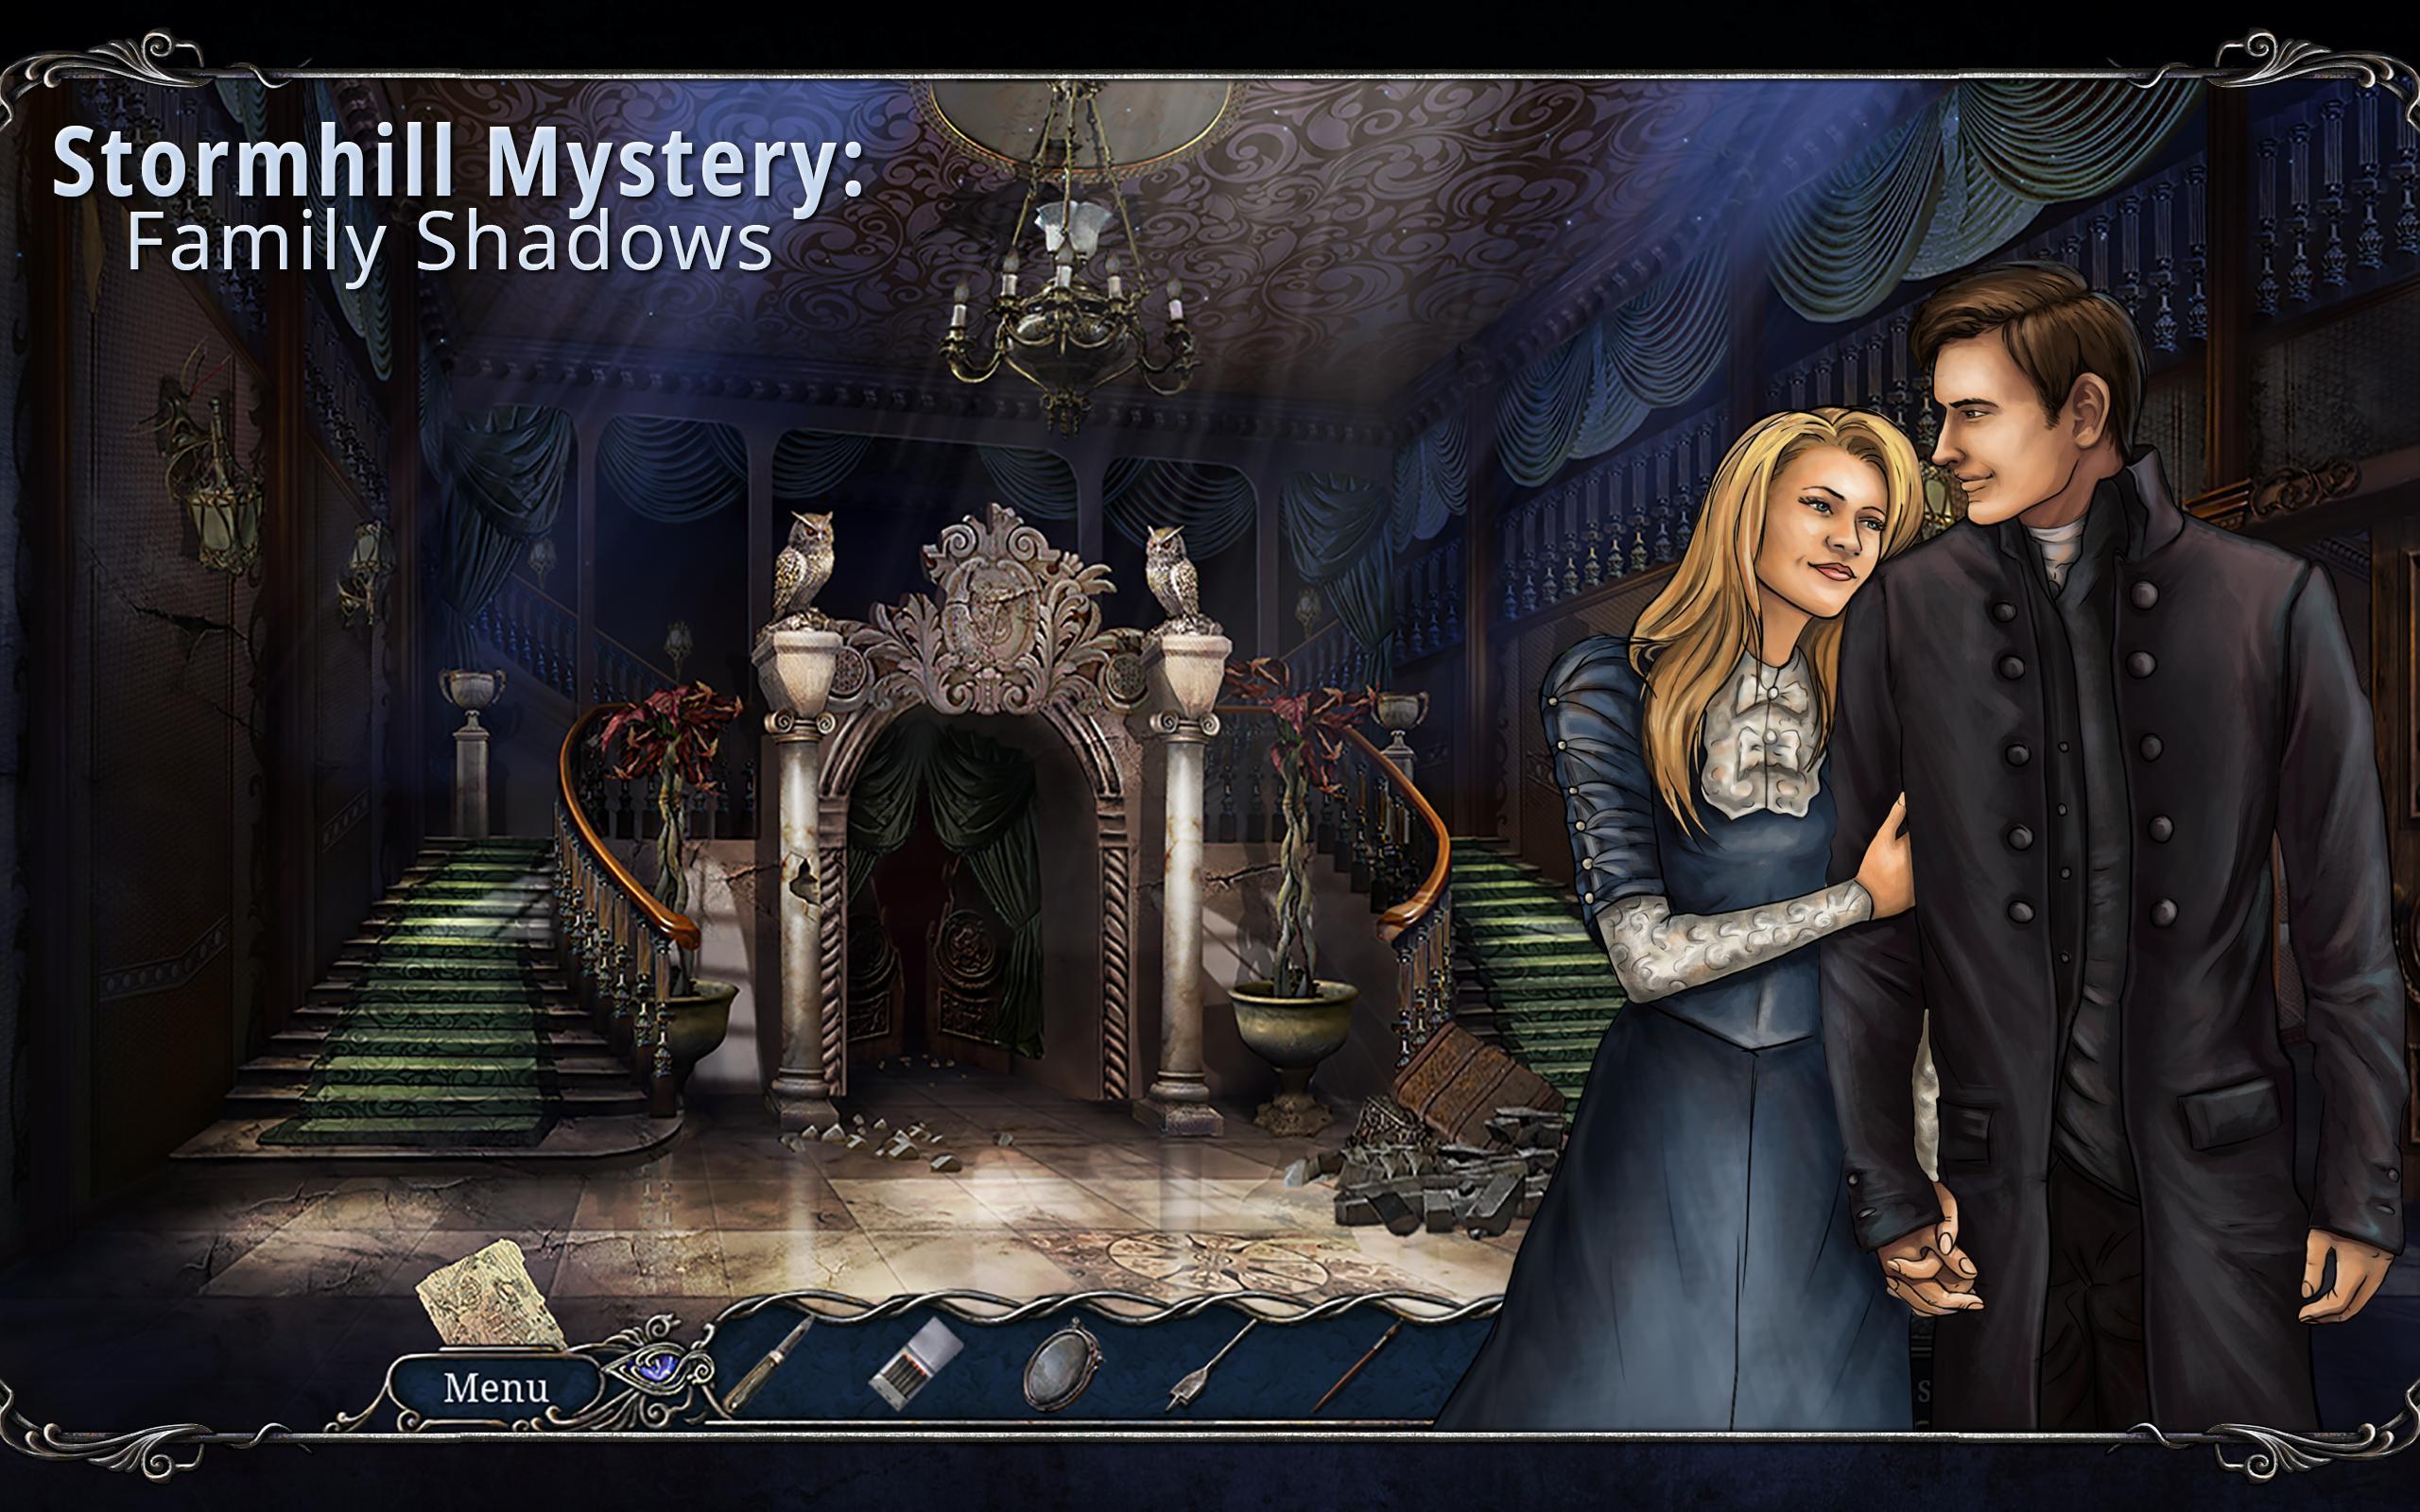 Stormhill Mystery: Family Shadows 1.1 Screenshot 9